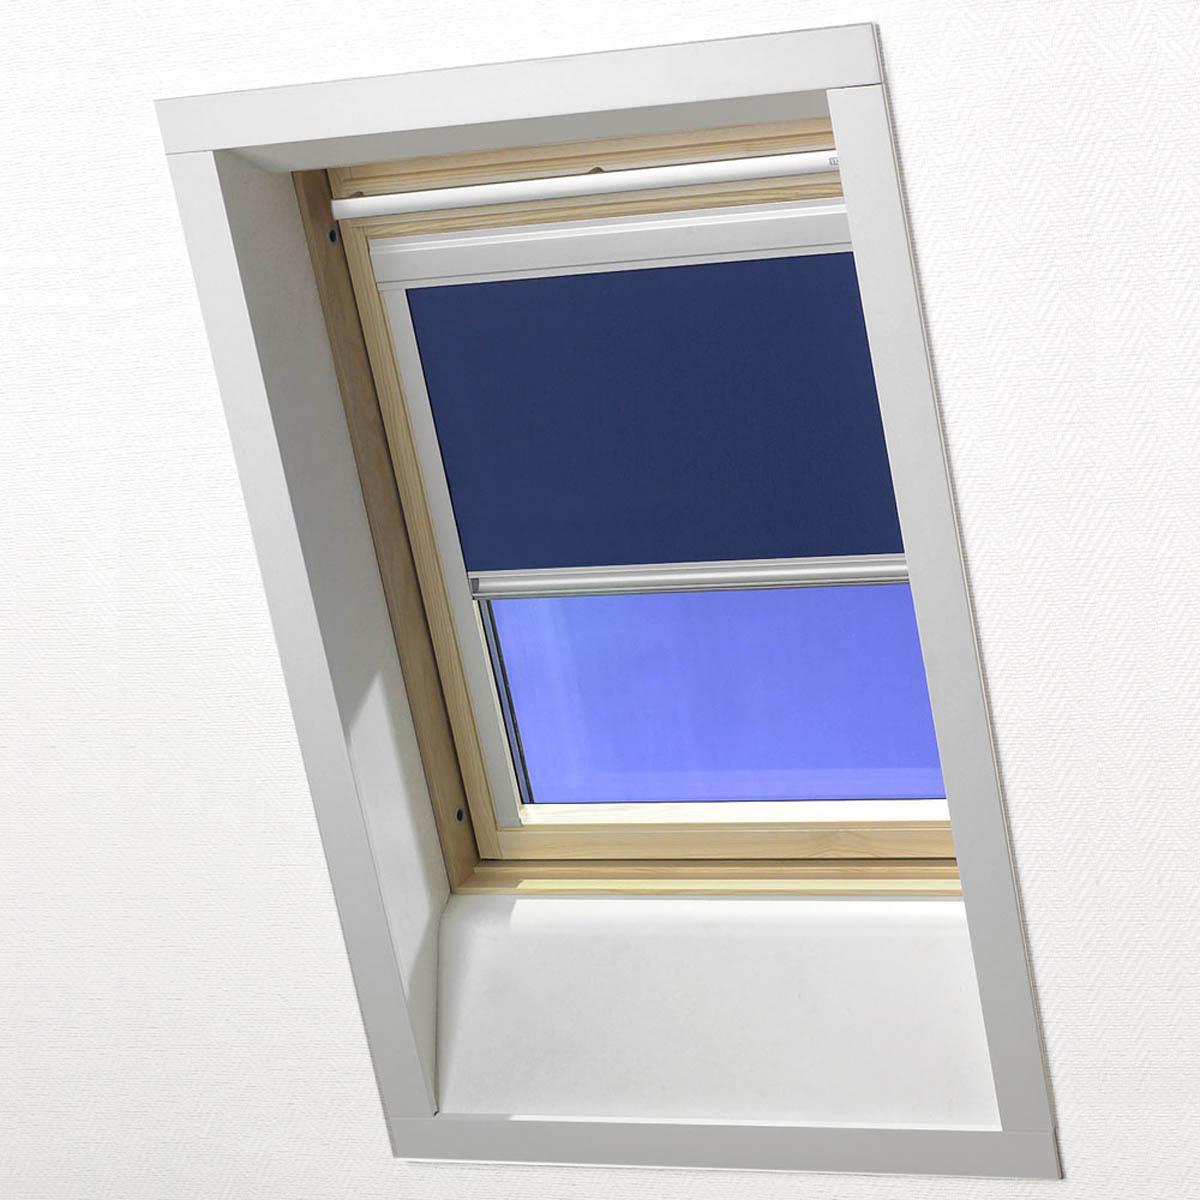 Blue Skylight Blackout Roller Blind for VELUX&reg Window